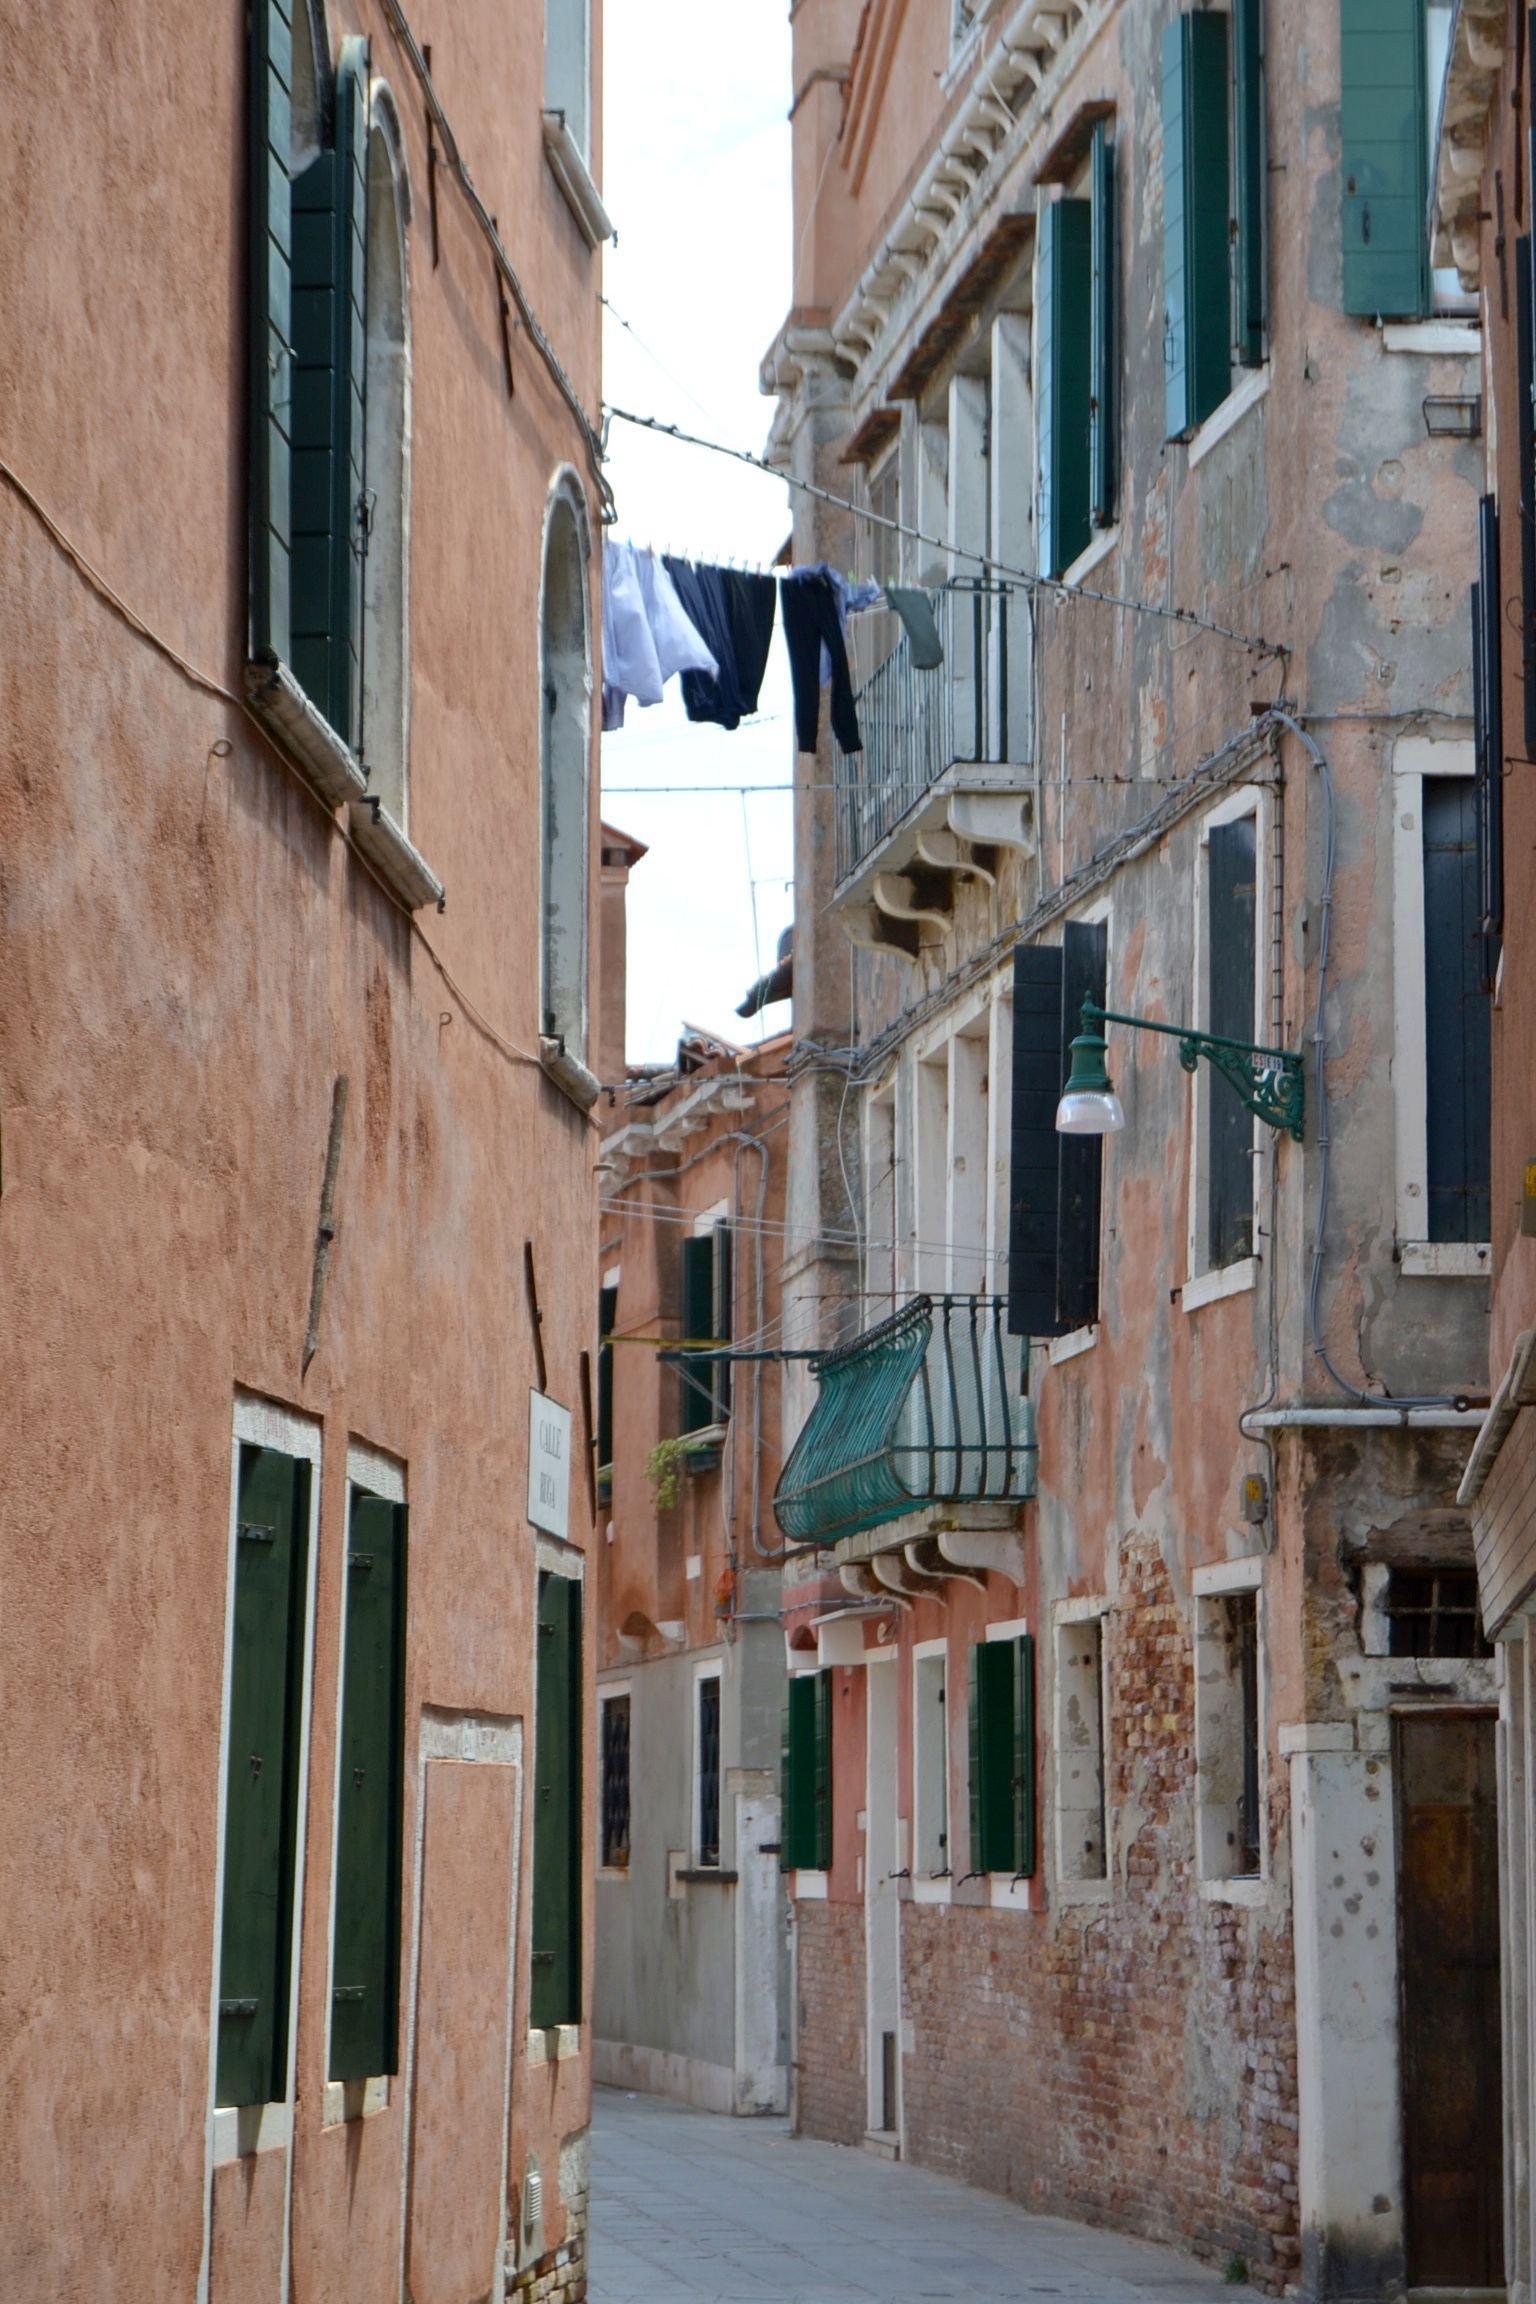 toute la gamme des ocres et des verts se retrouve à Venise